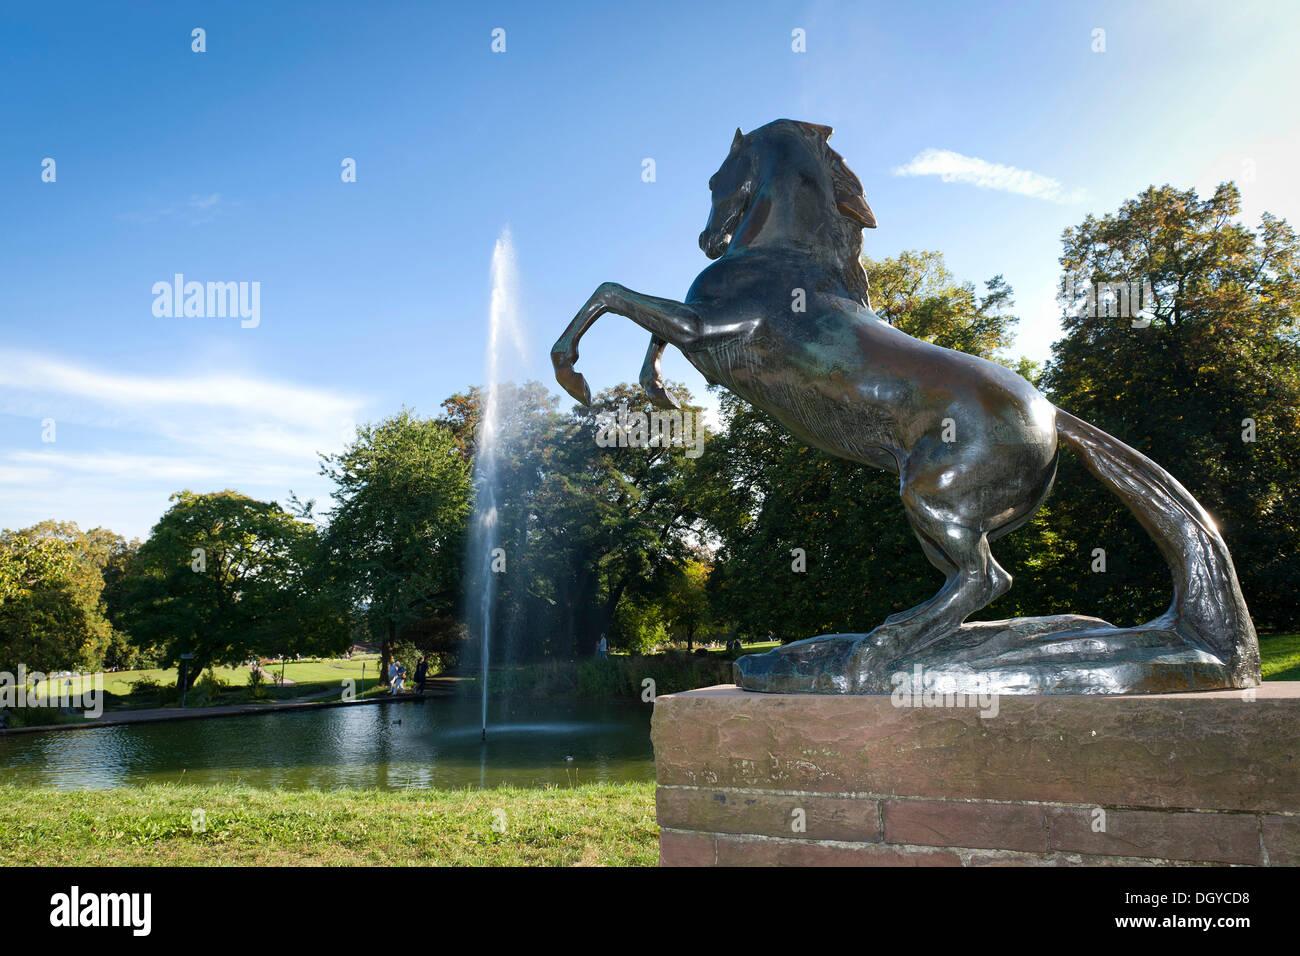 Horse sculpture, the heraldic animal of Stuttgart, Killesberg Park, Stuttgart, Baden-Wuerttemberg - Stock Image